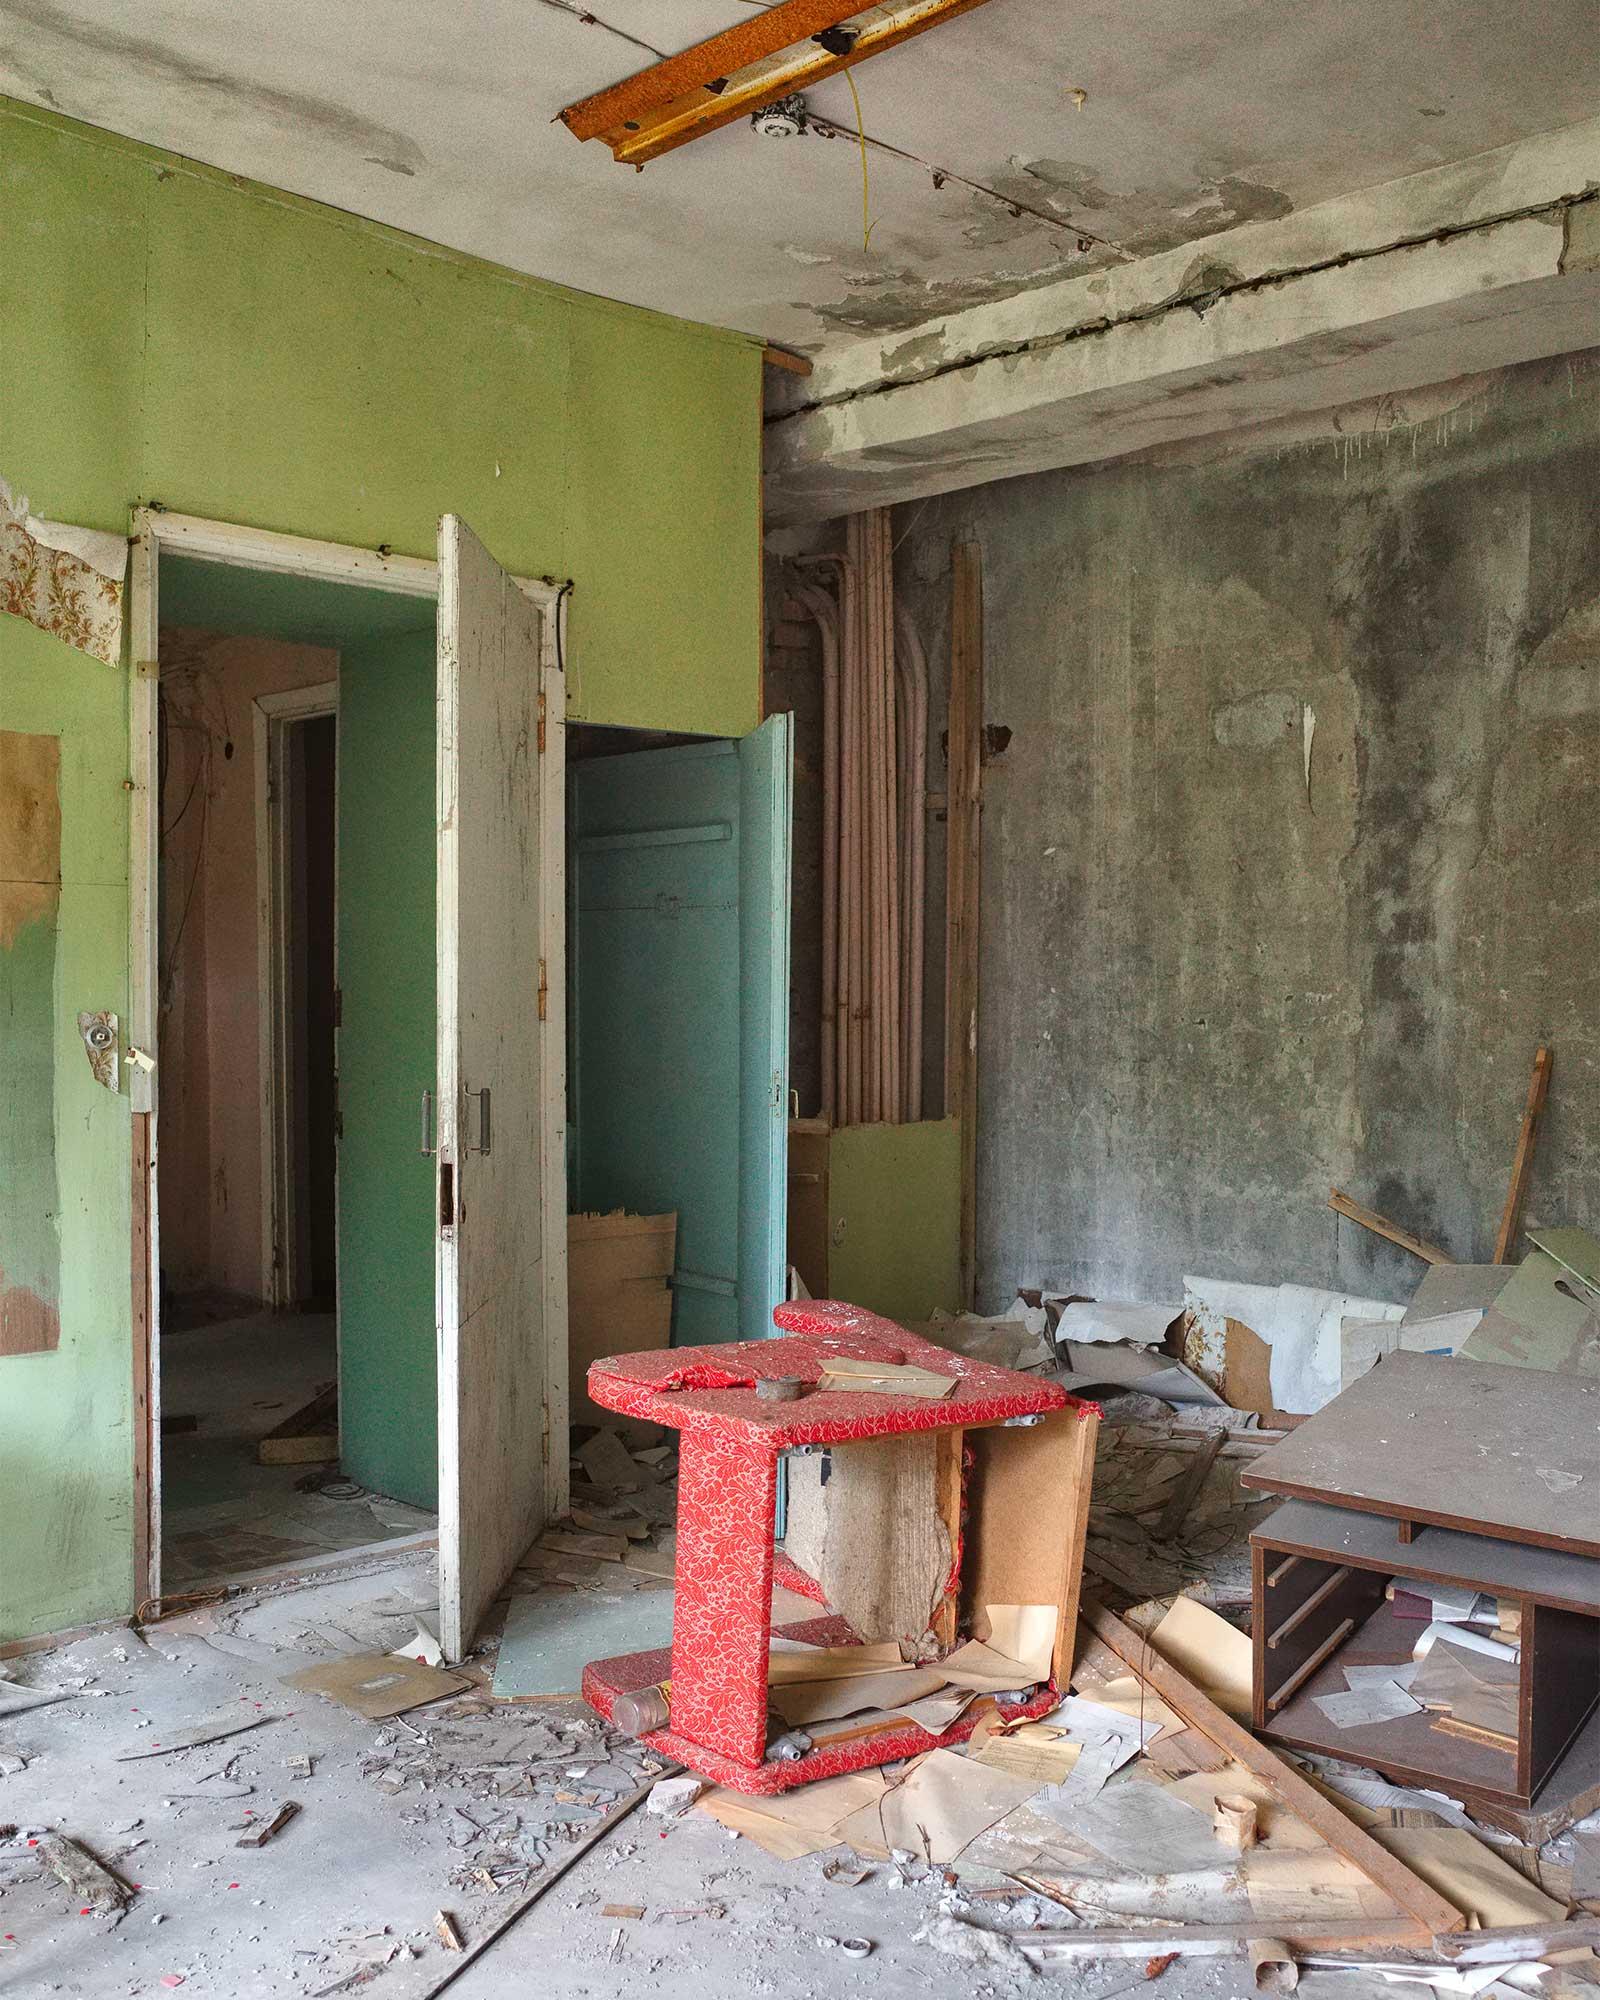 150_chernobyl_JupiterFactoryAdmin_w.jpg